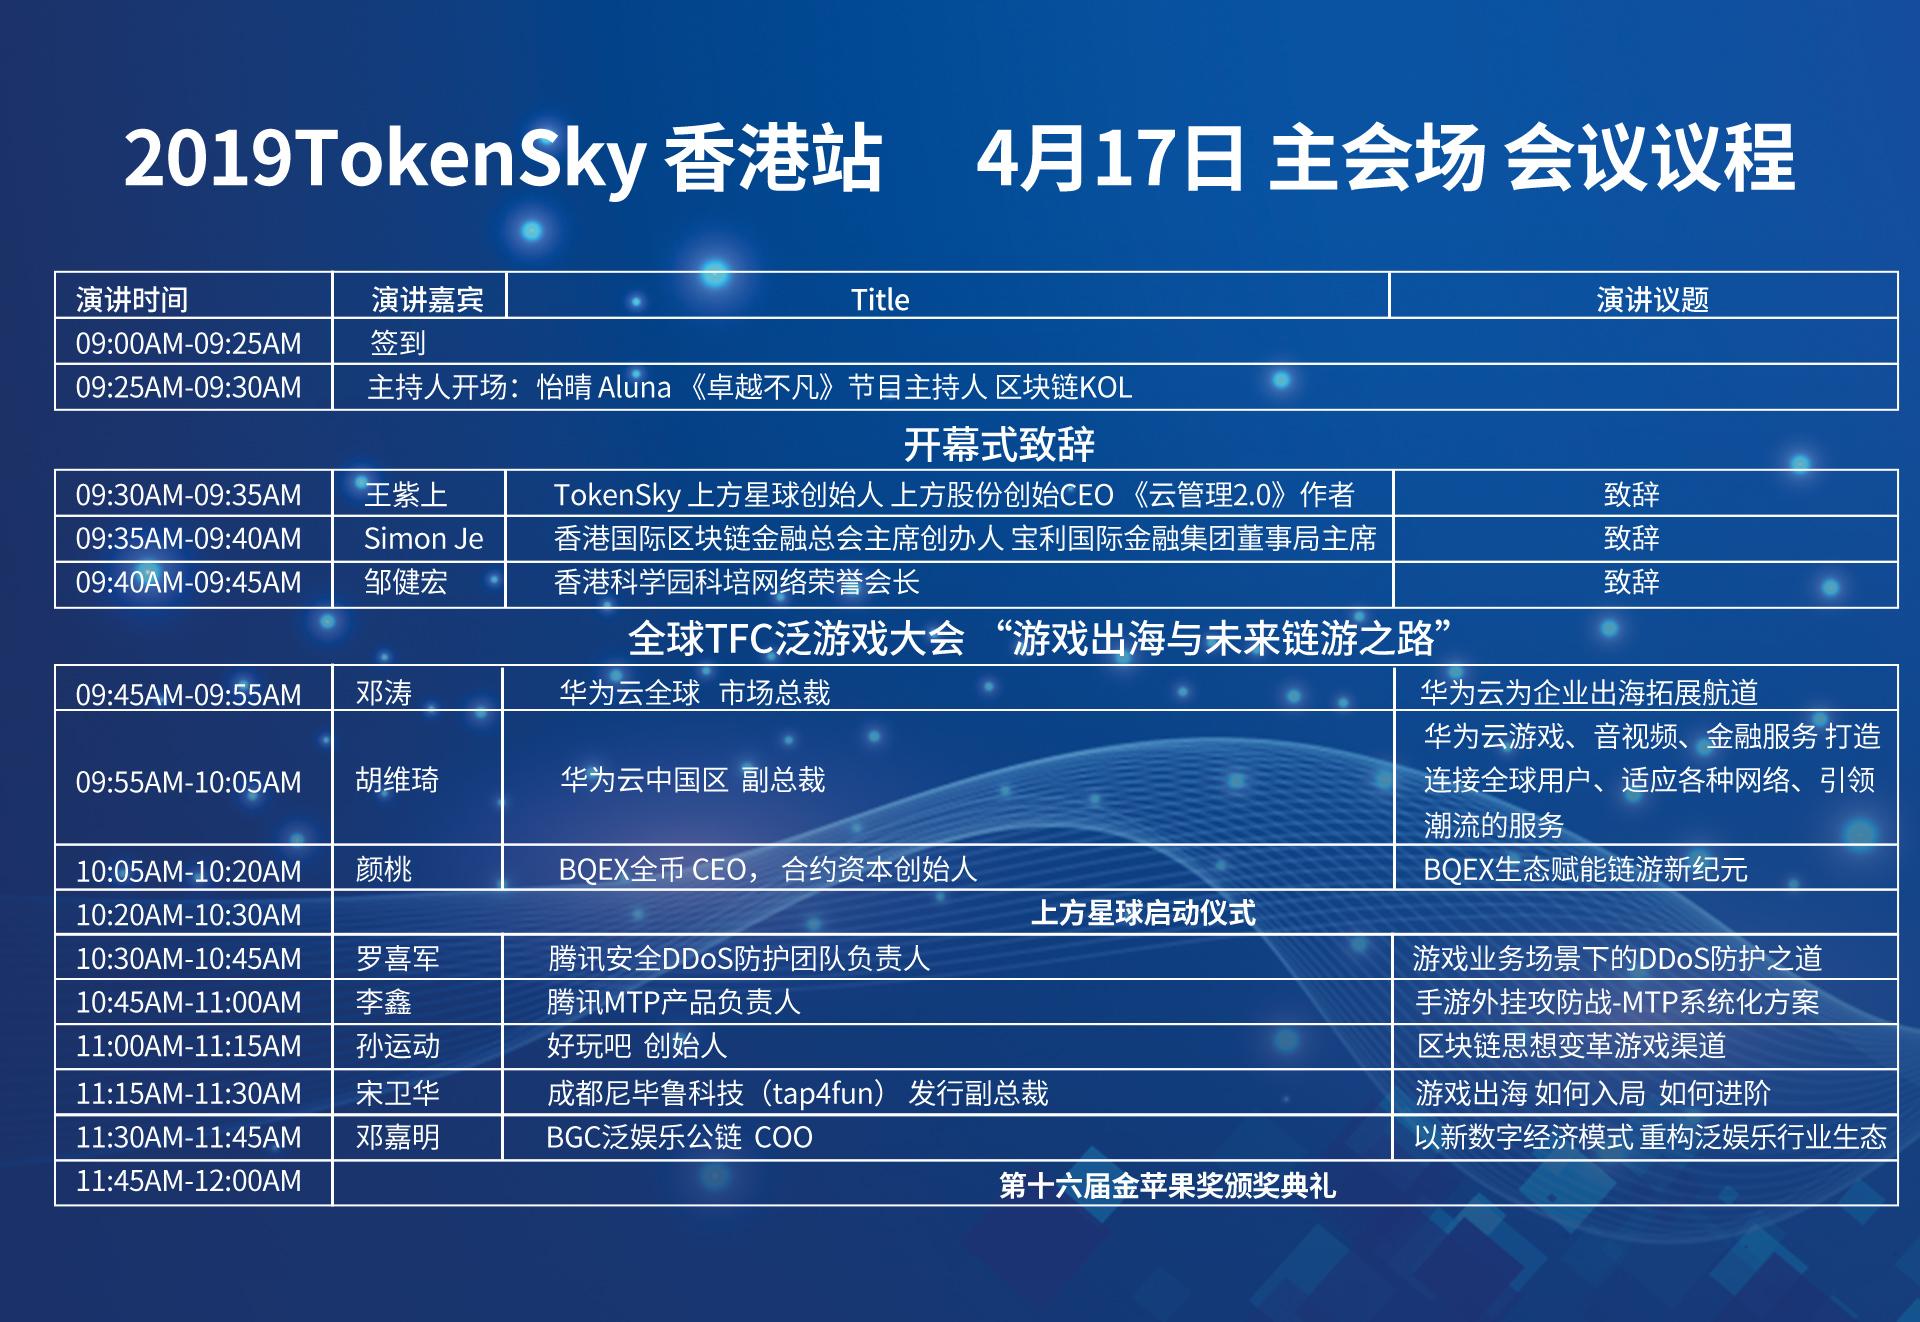 4月17-18日TokenSky香港站官方議程大曝光 100多位國際嘉賓分享